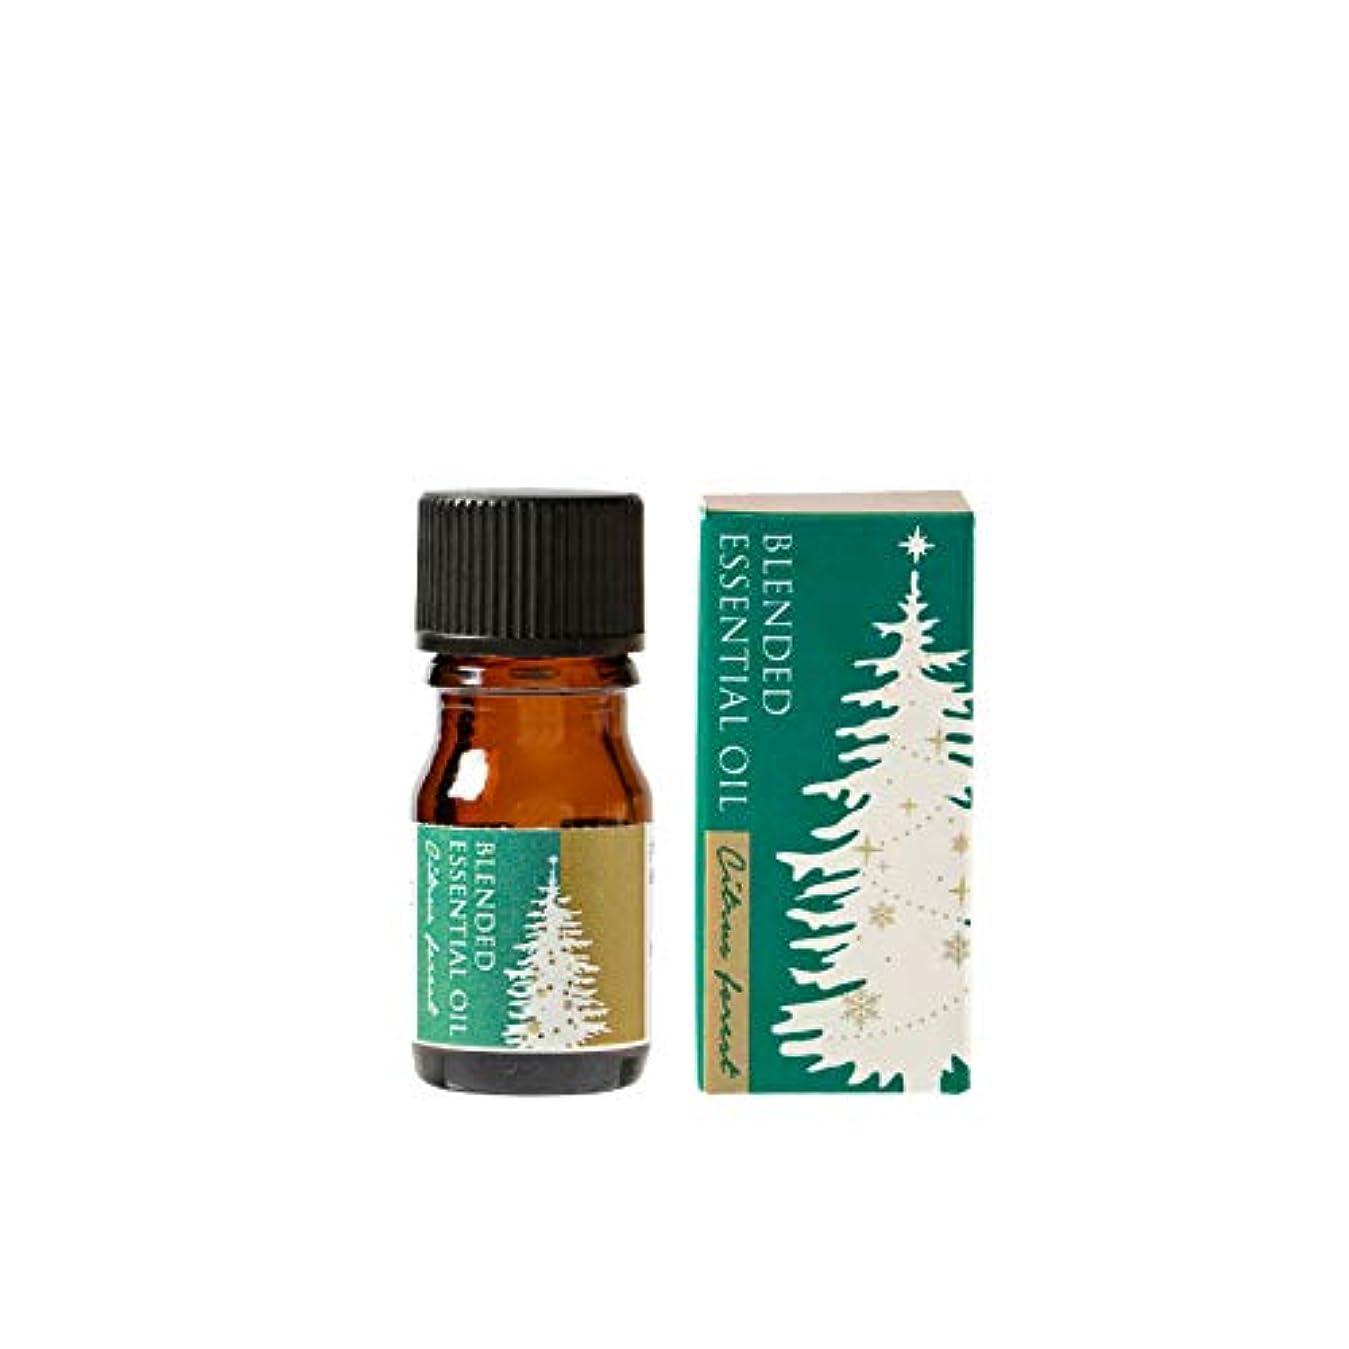 ダンスうぬぼれ落とし穴生活の木 ブレンド精油 シトラスフォレスト 5ml